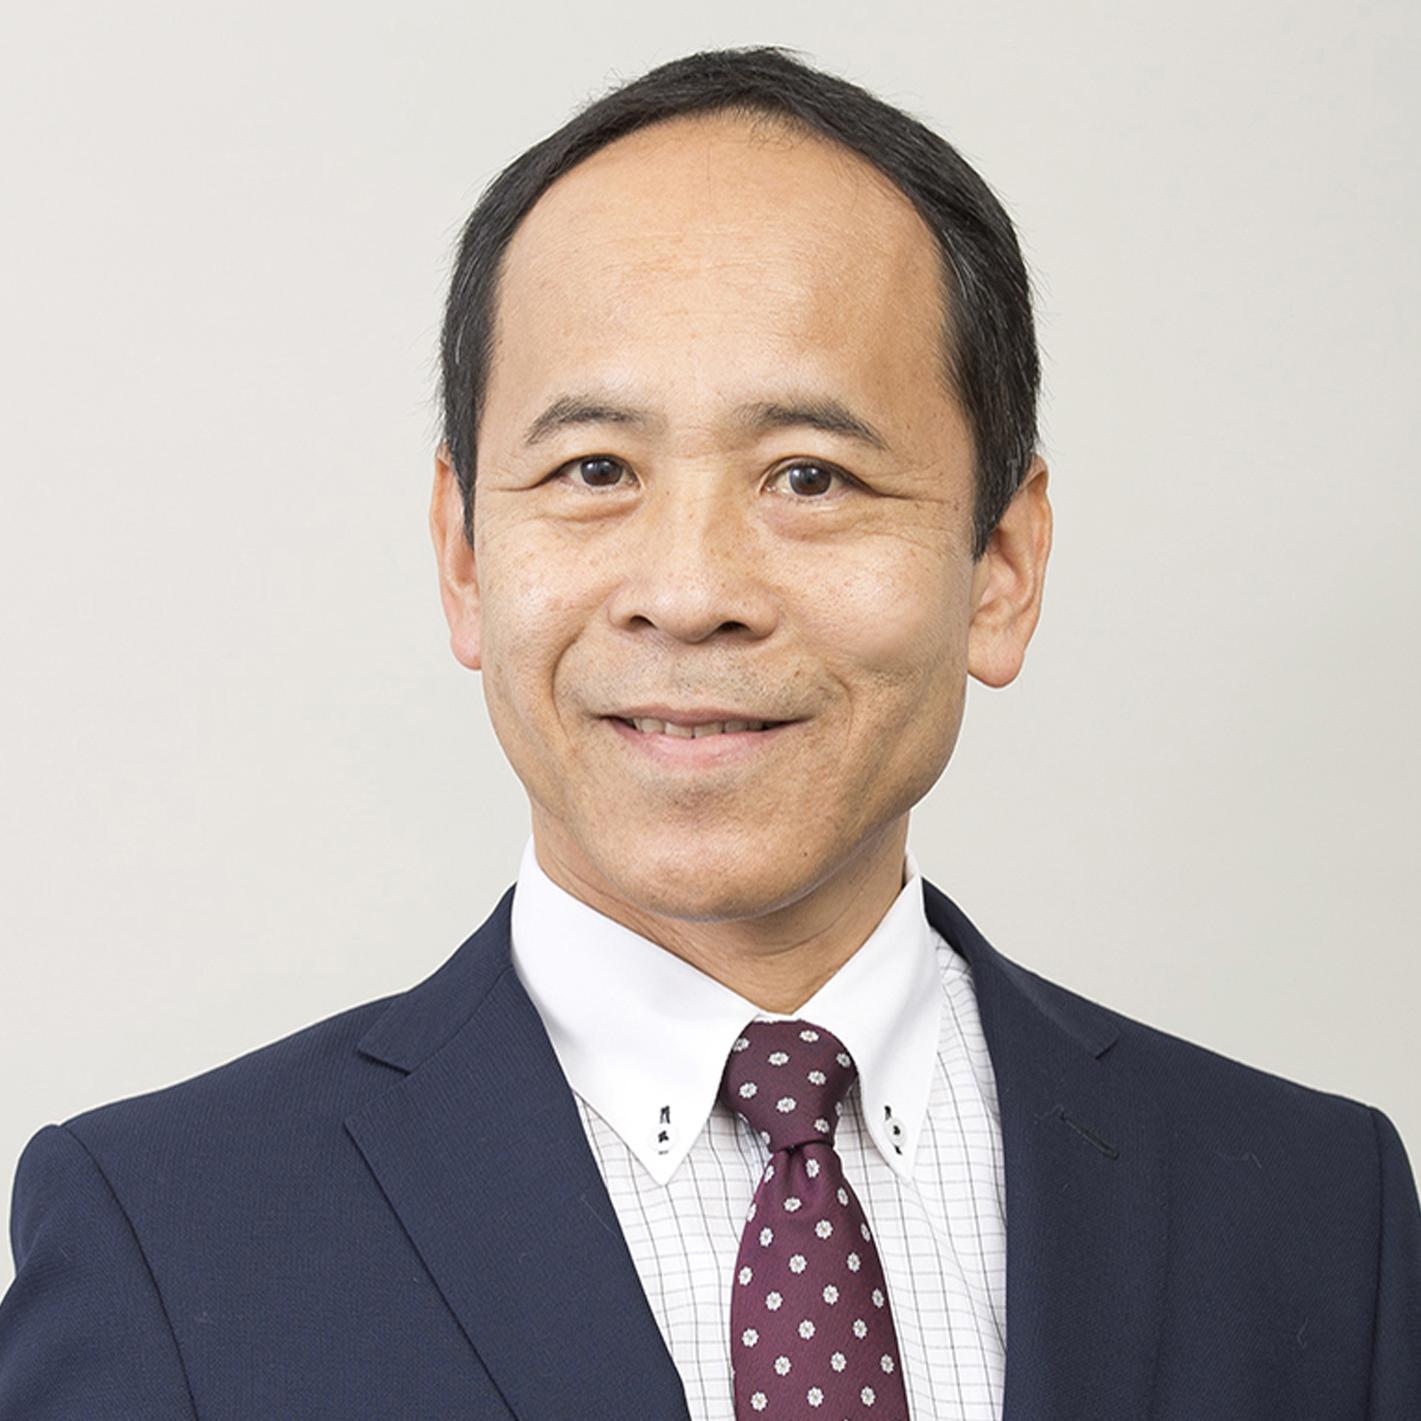 観光レジリエンス研究所 代表 高松 正人 Masato Takamatsu